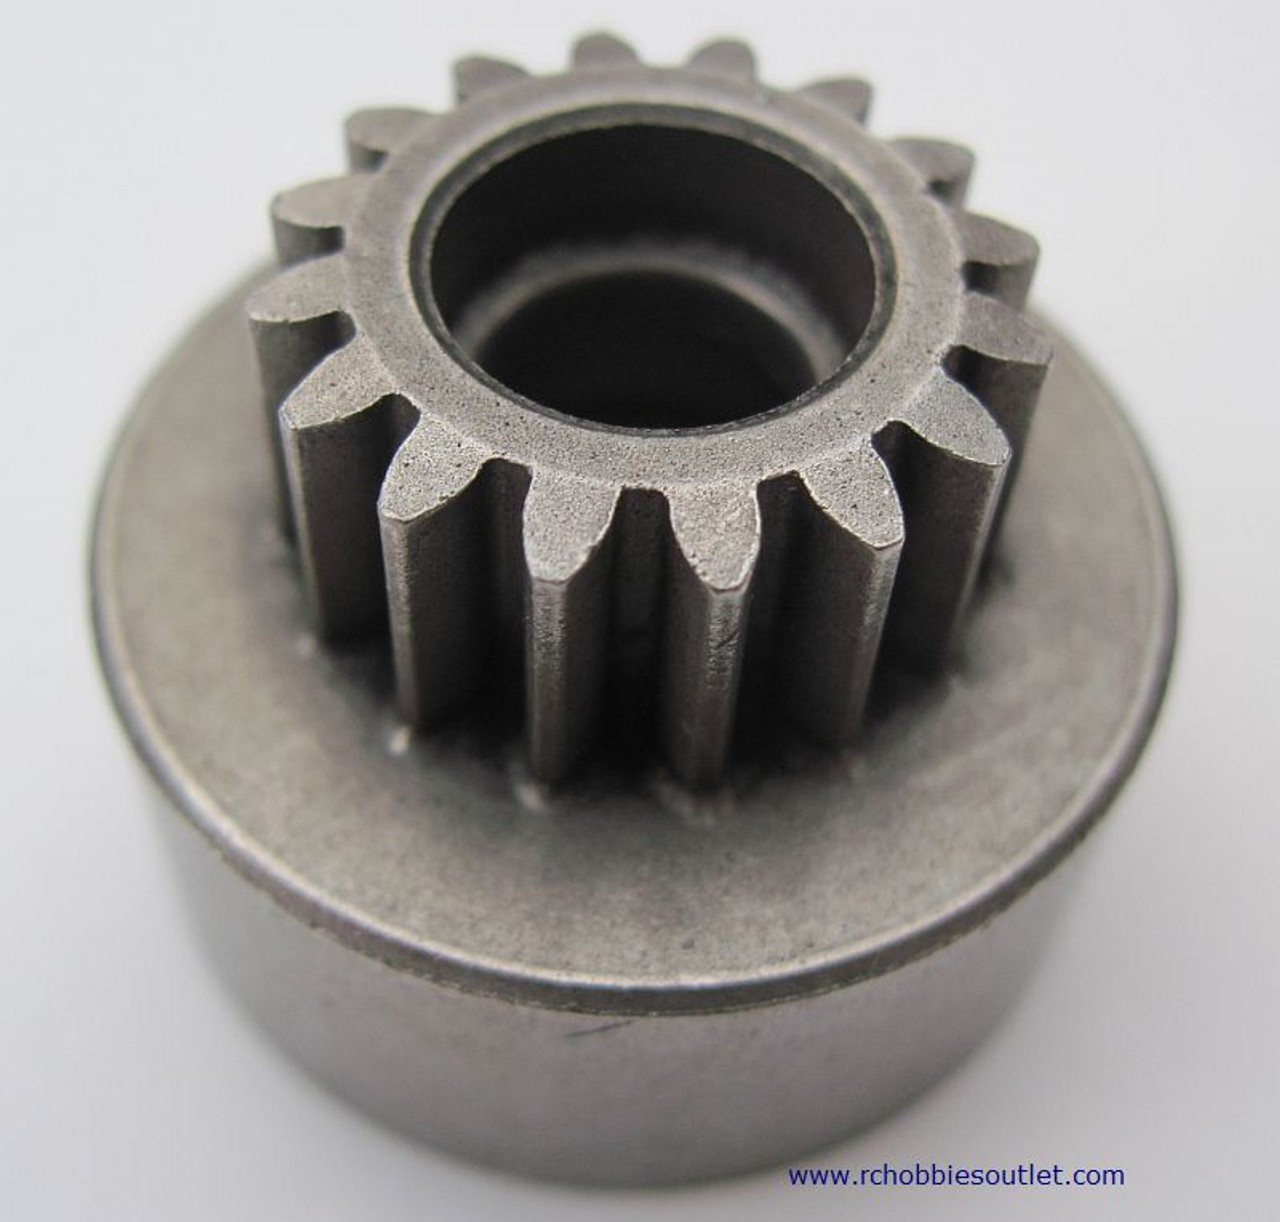 62015 ( 11196 ) Clutch Bell Gear (16T)